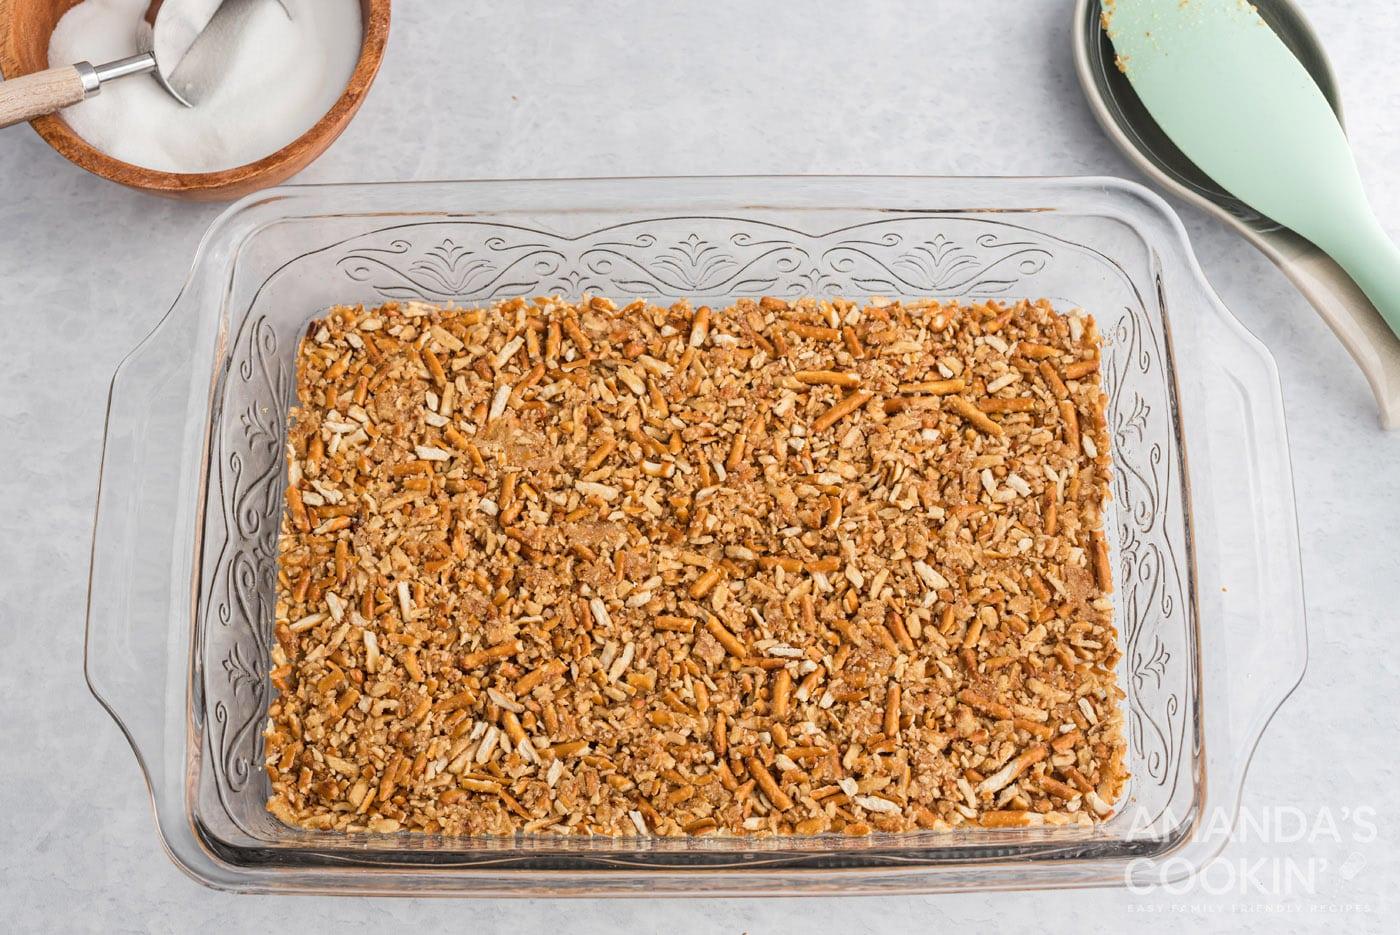 pretzel crust in a baking pan